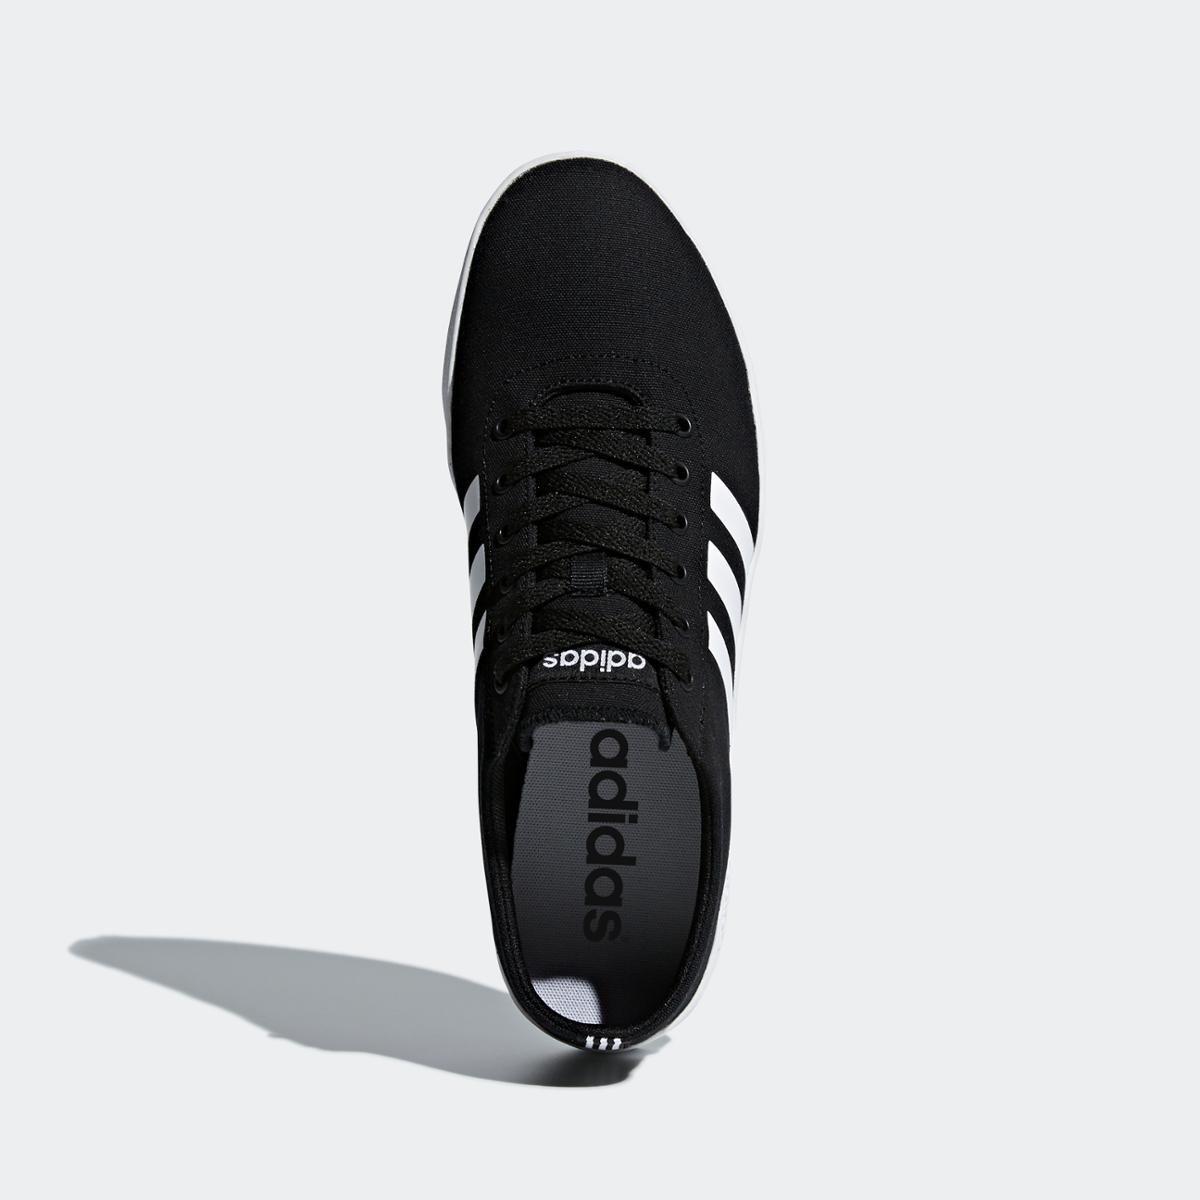 adidas easy vulc 2.0 white